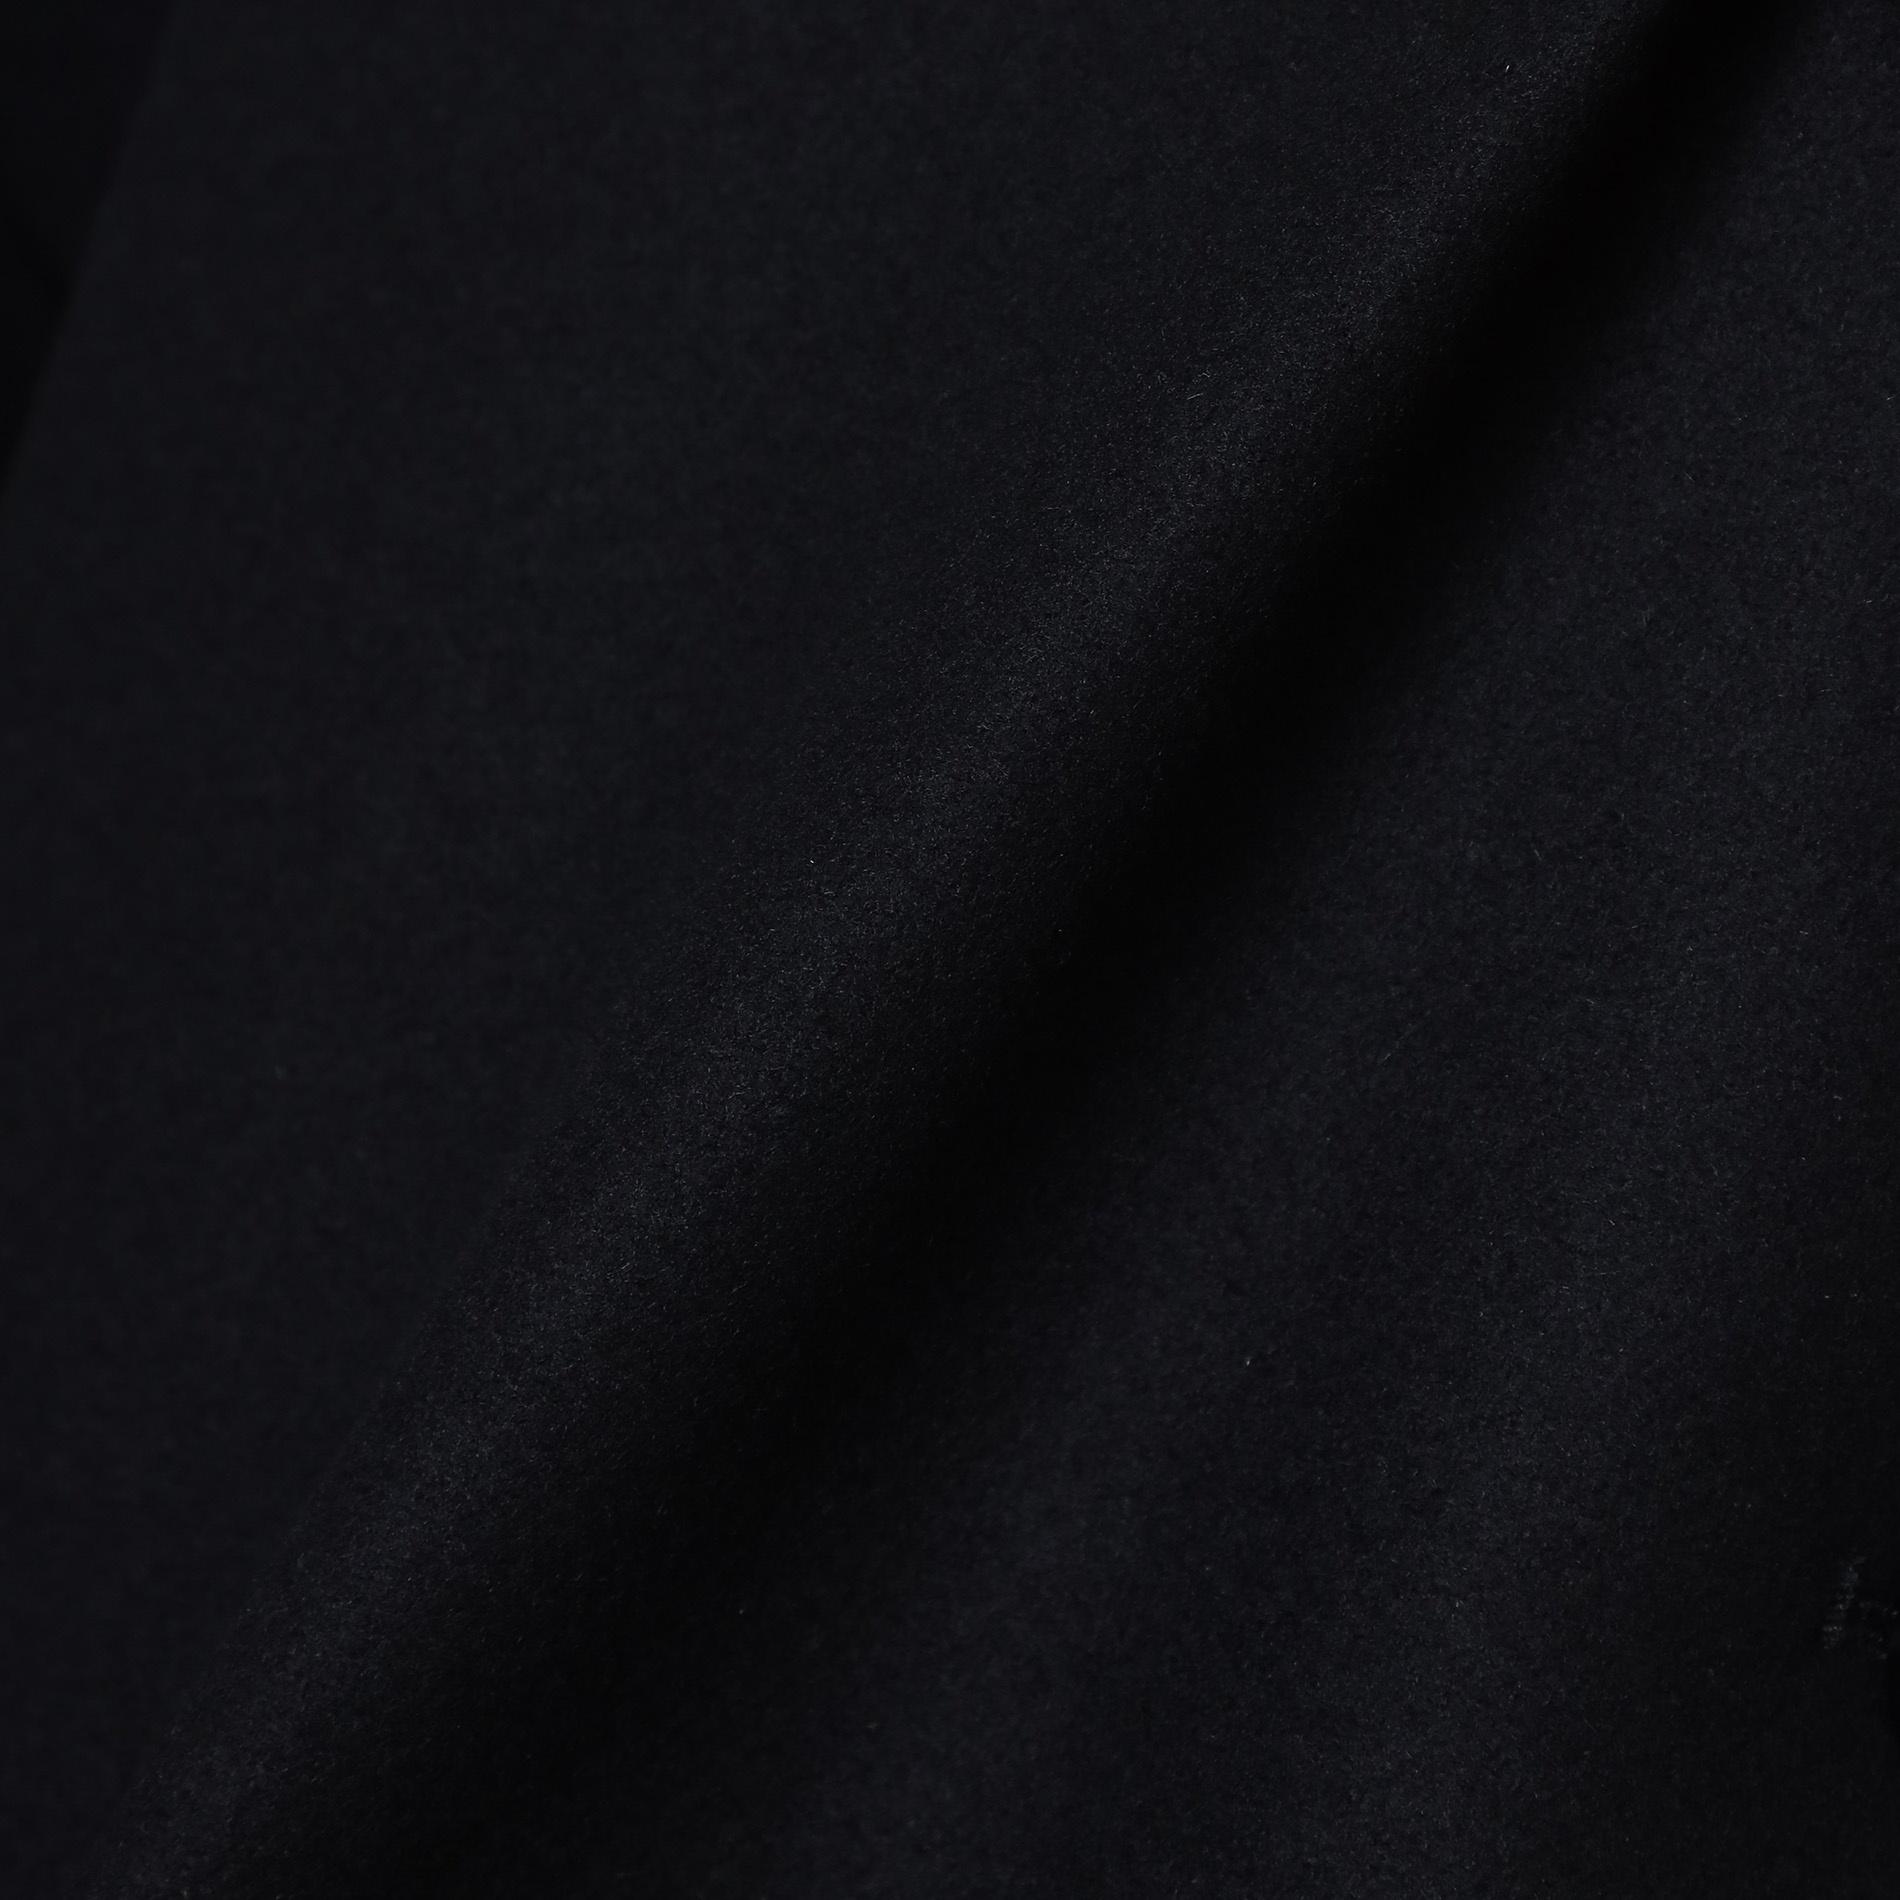 【予約販売】【MACKINTOSH】【HUMBIE】ショートコート